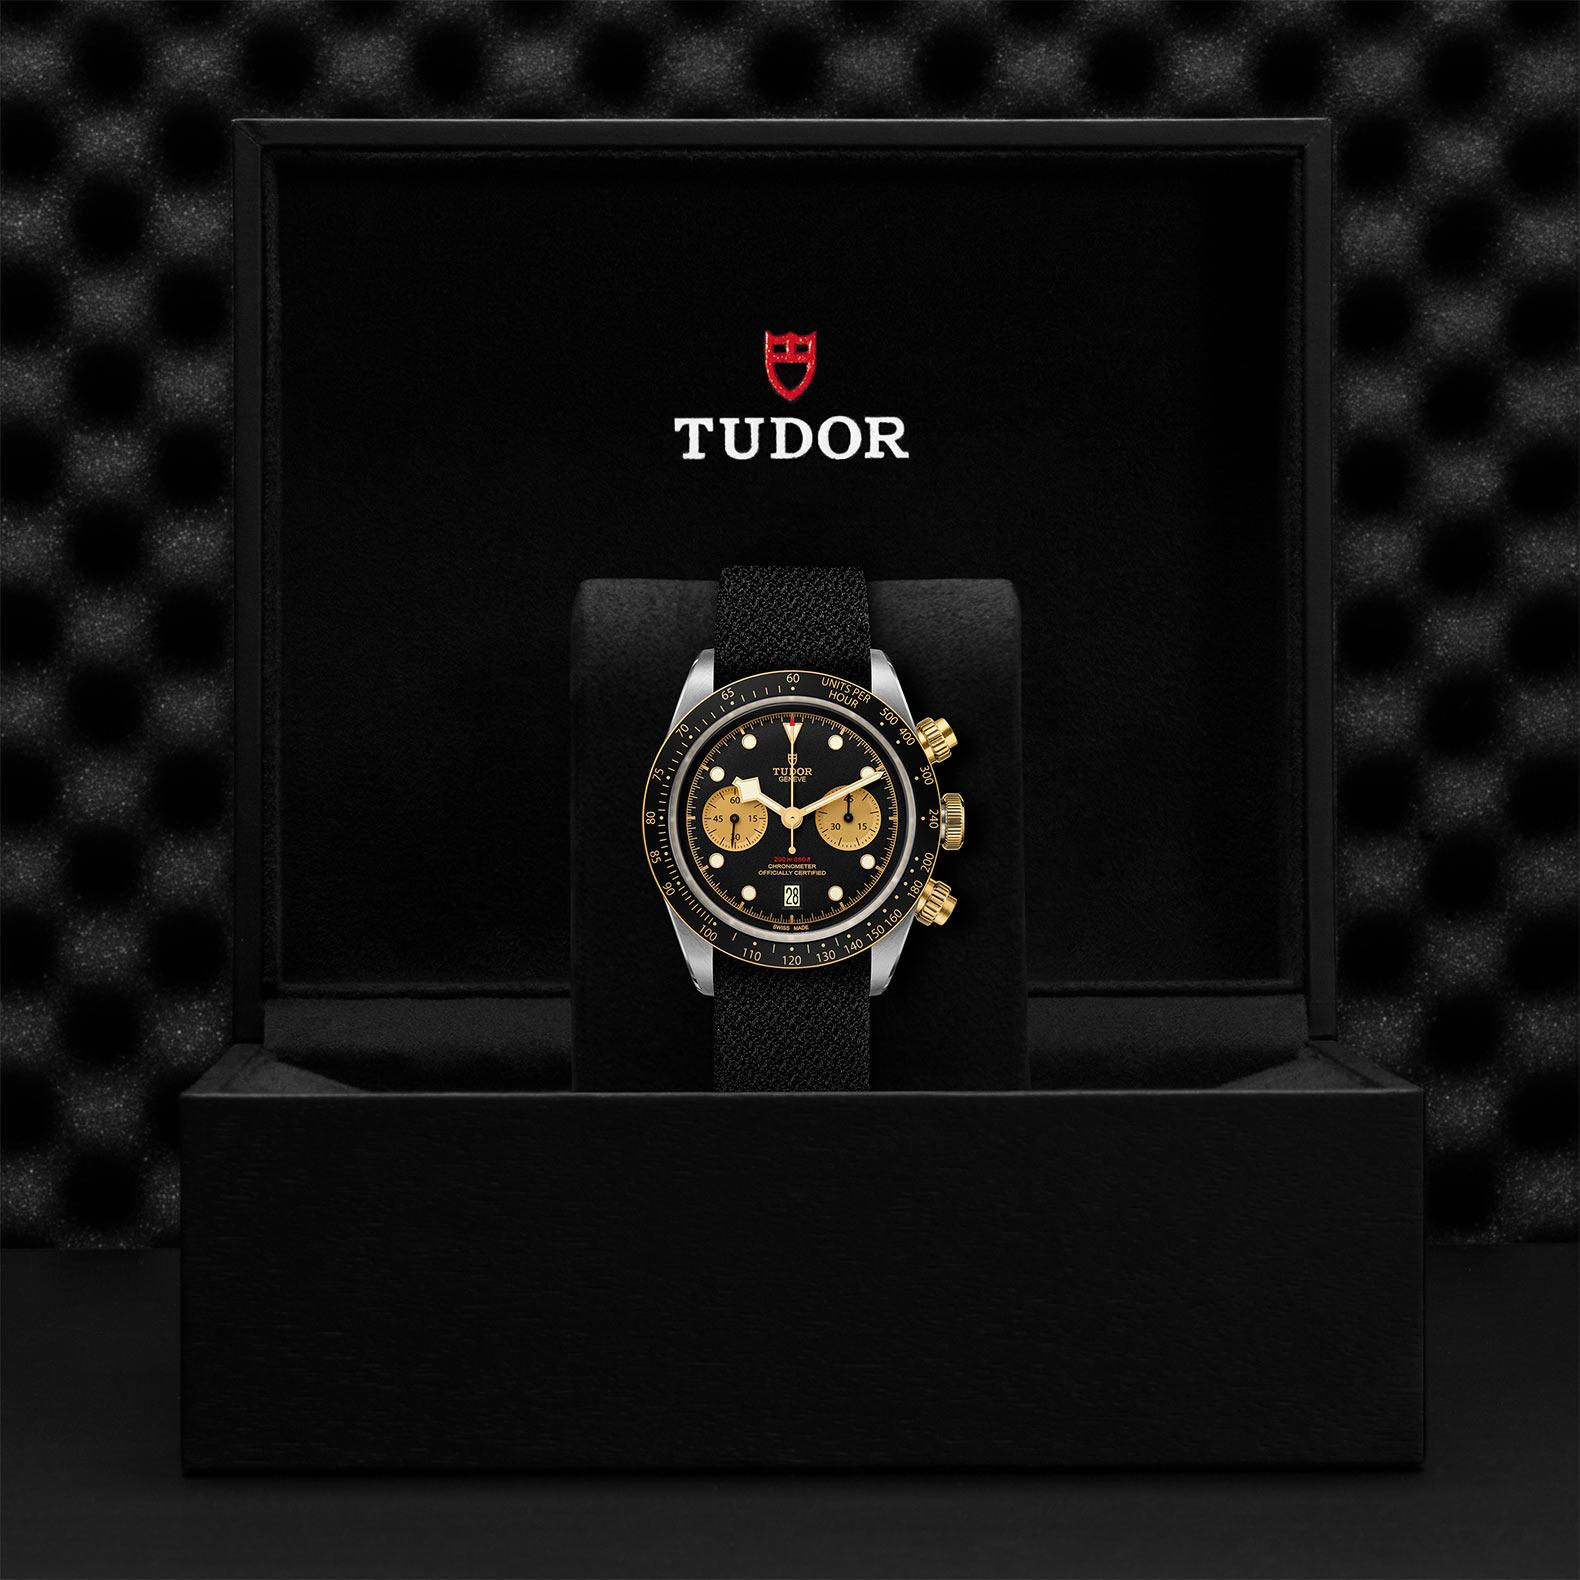 TUDOR Black Bay Chrono S&G - M79363N-0003